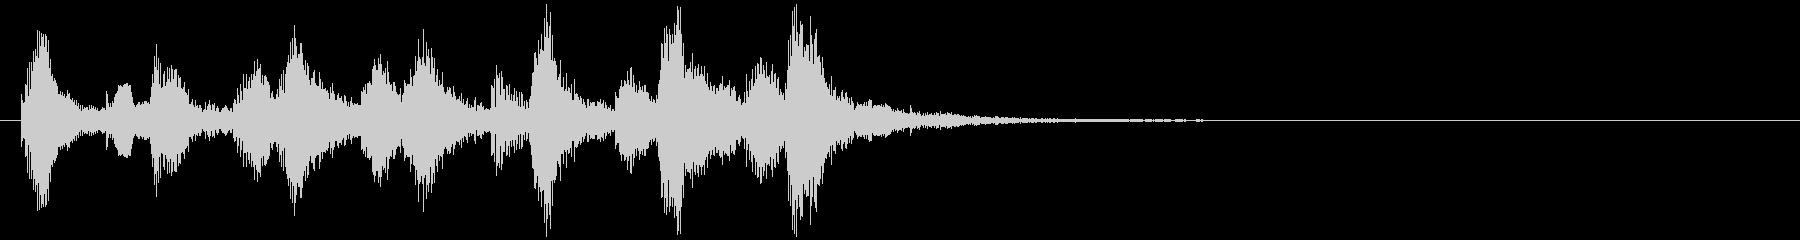 のほほんジングル038_コミカル+3の未再生の波形